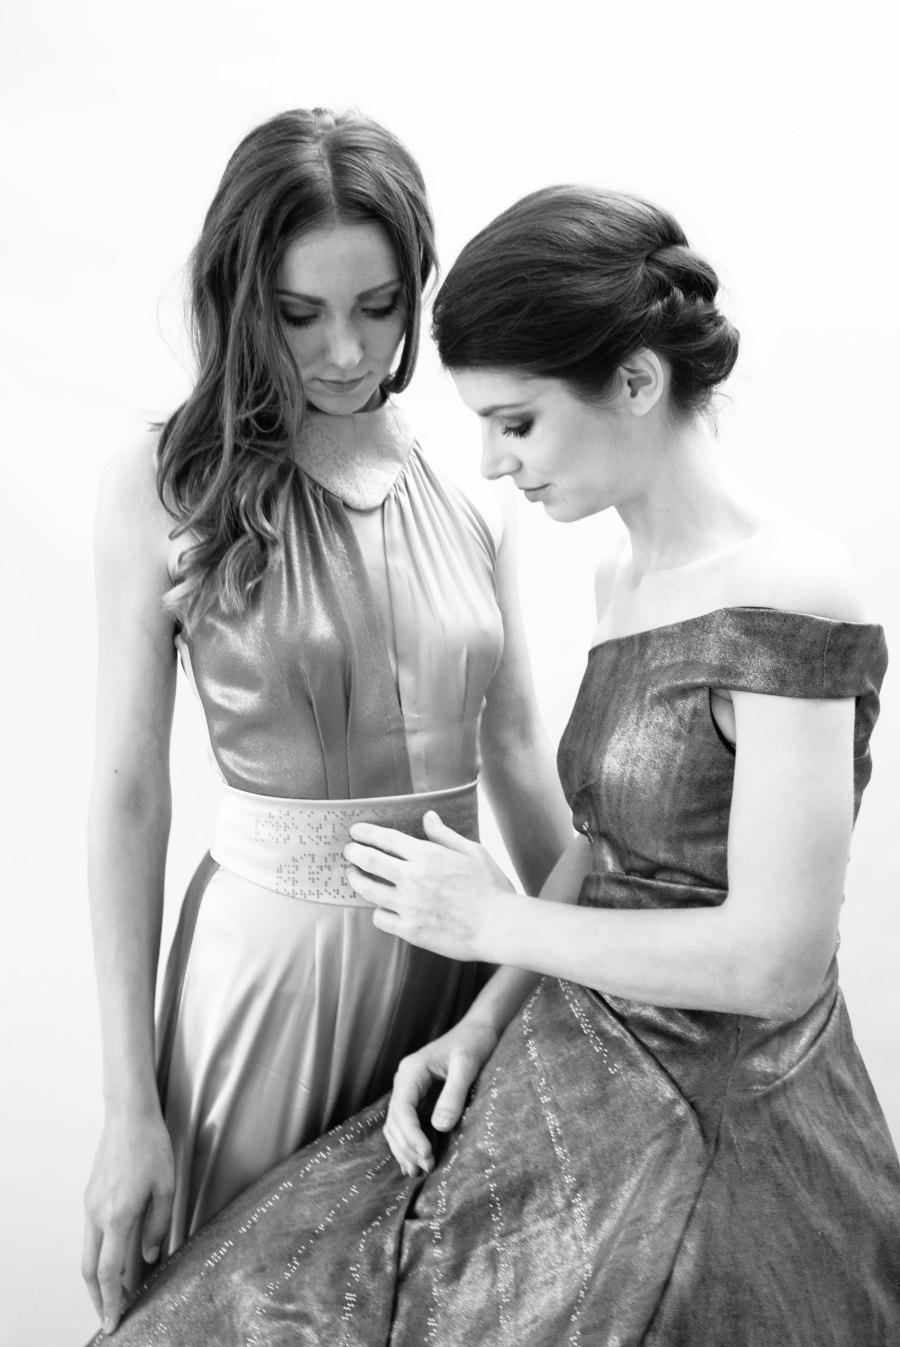 Zwei junge Frauen in Abendkleidern schauen einander an und befühlen ihre Kleider. Schwarz-Weiß